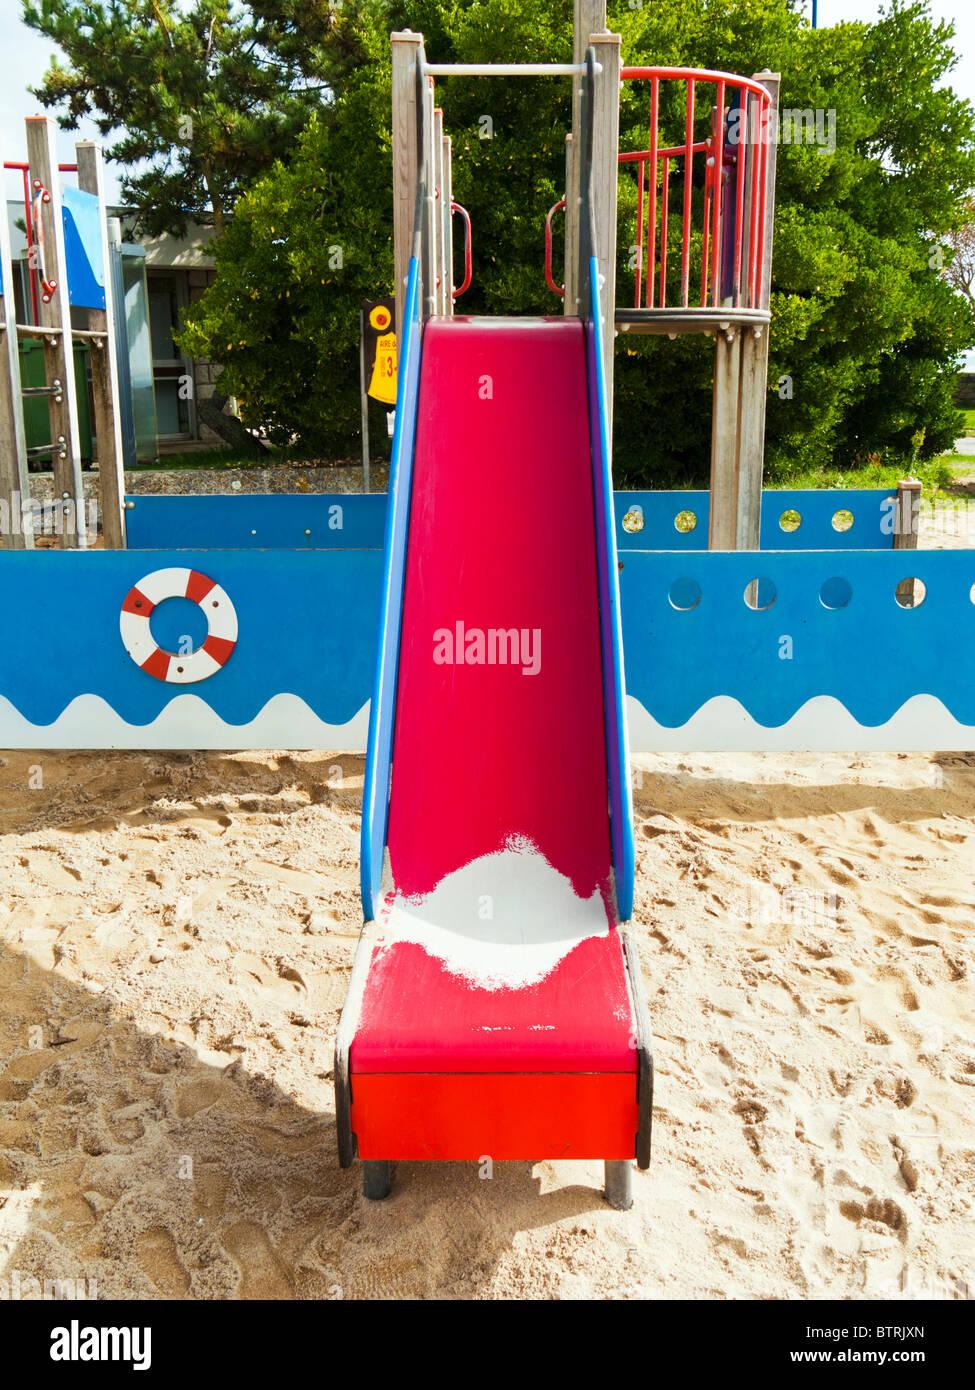 Área de juegos para niños con tobogán Imagen De Stock